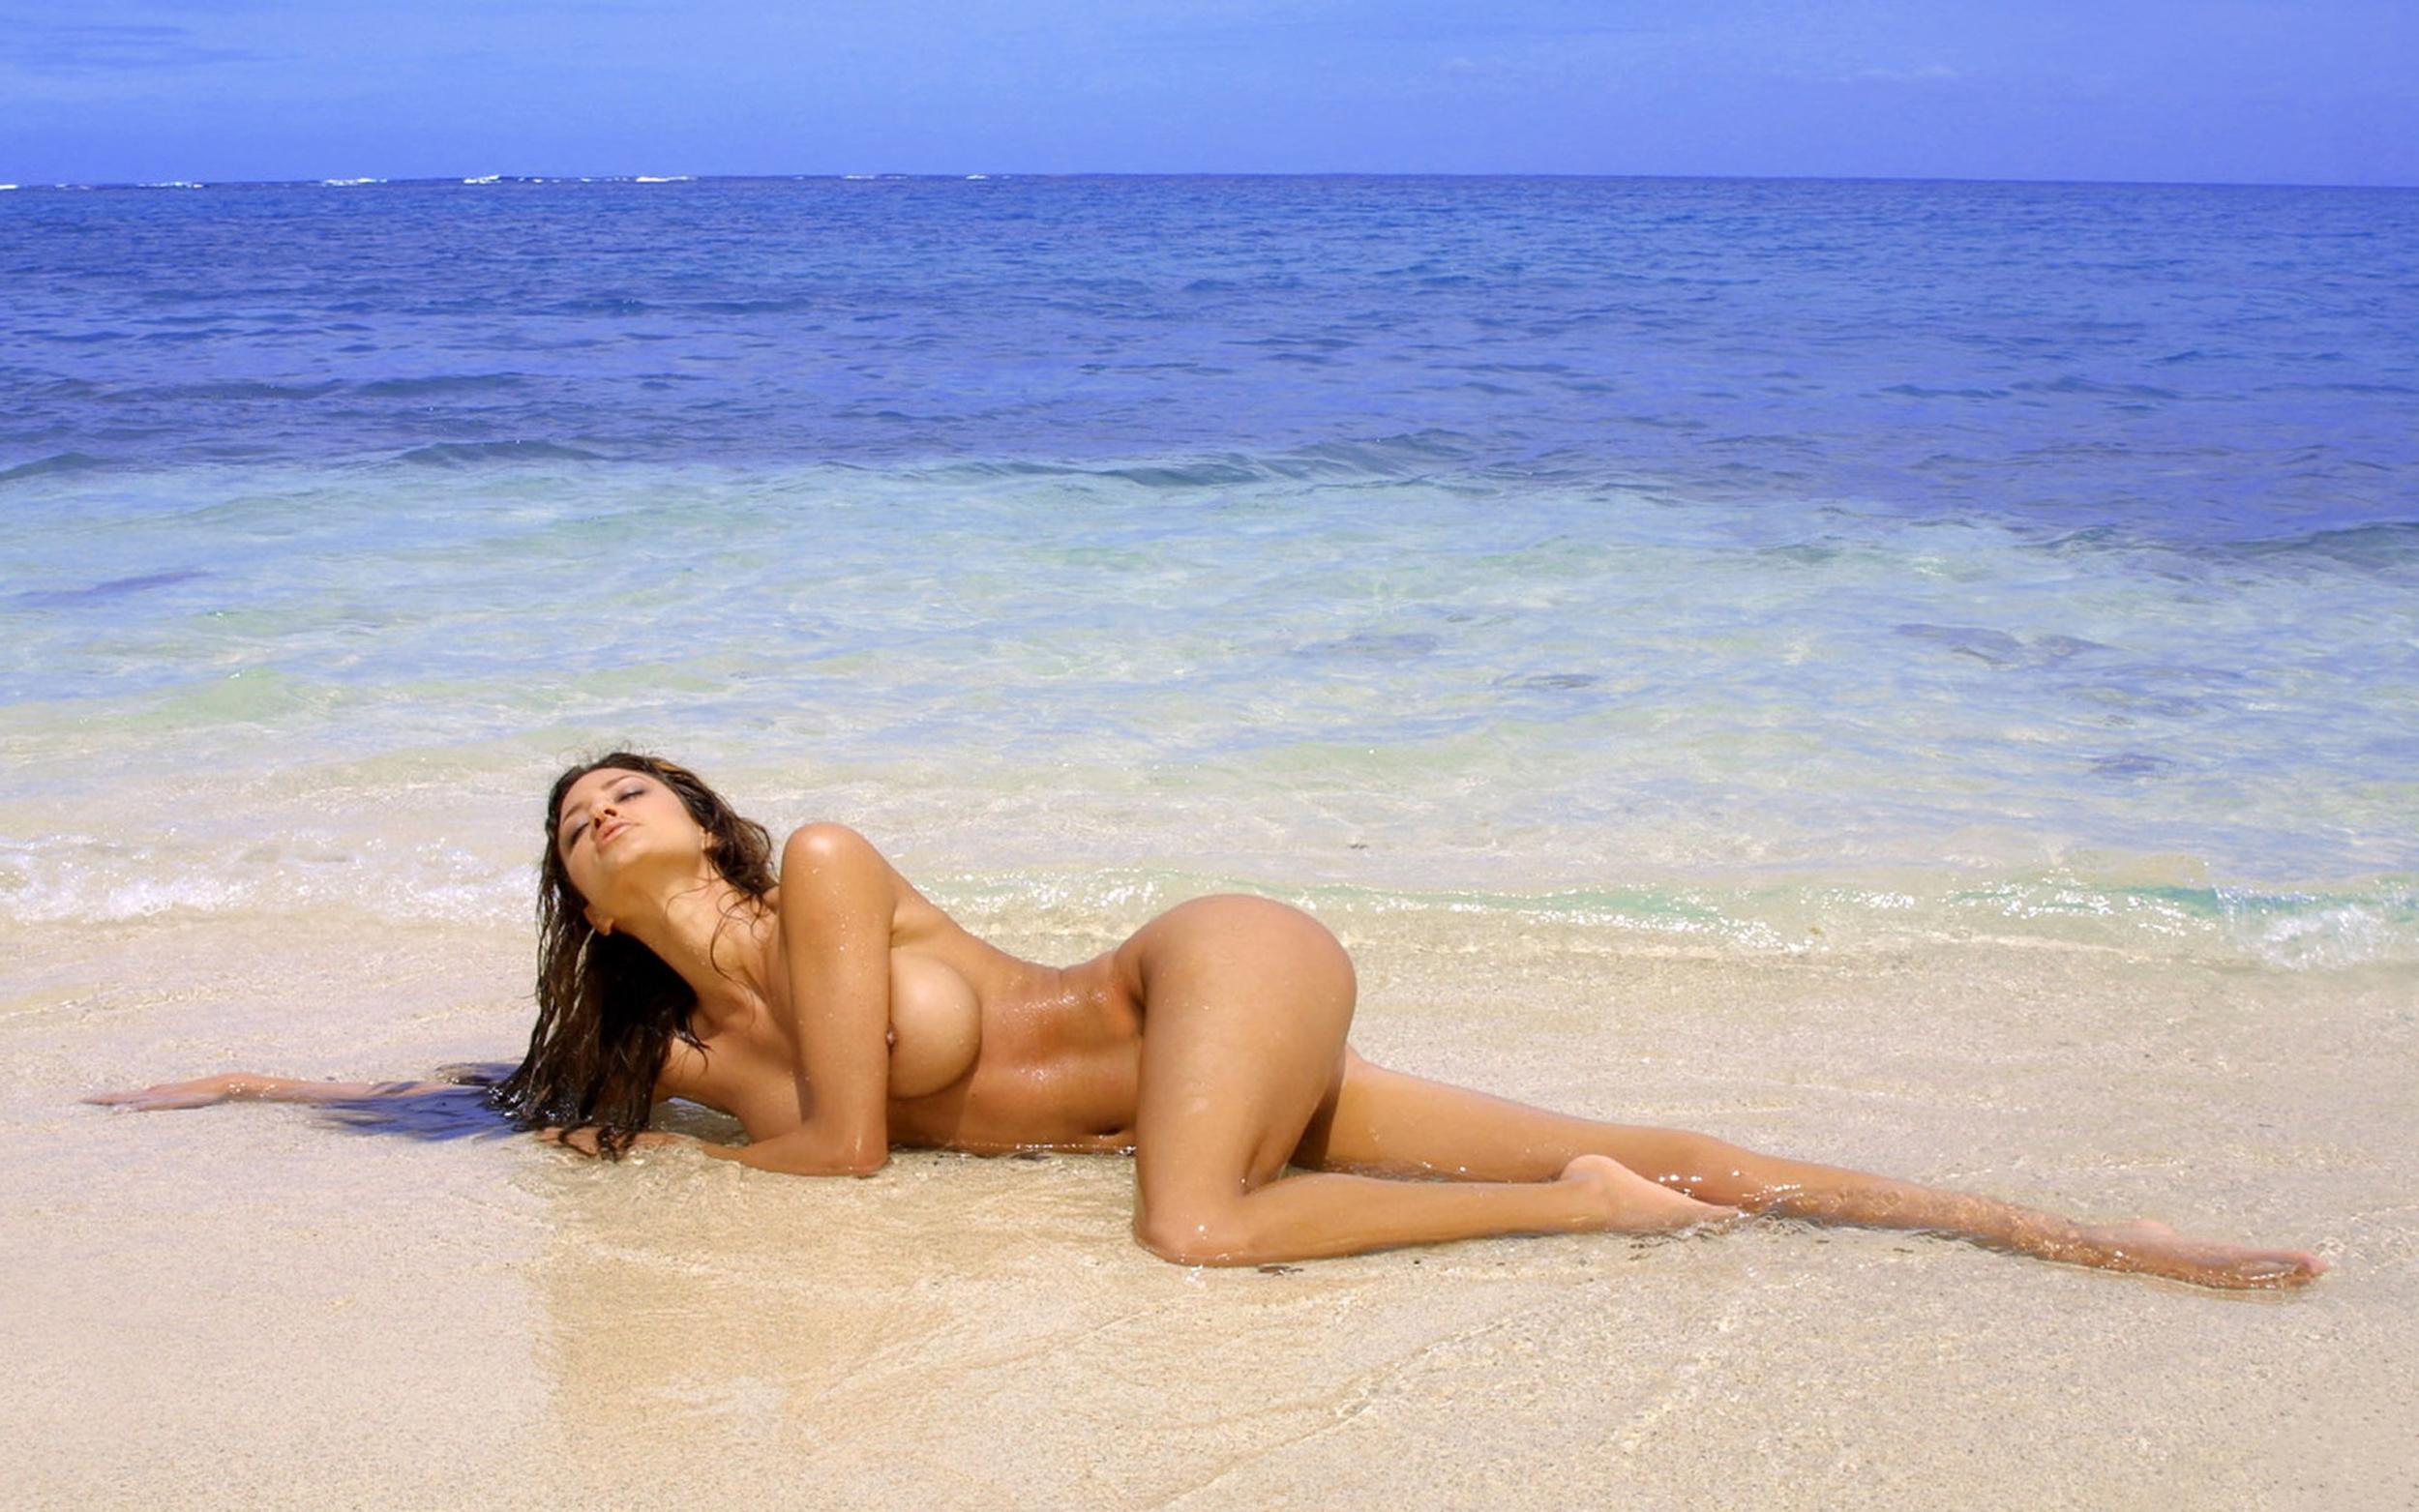 Секс с девушками на берегу моря 10 фотография